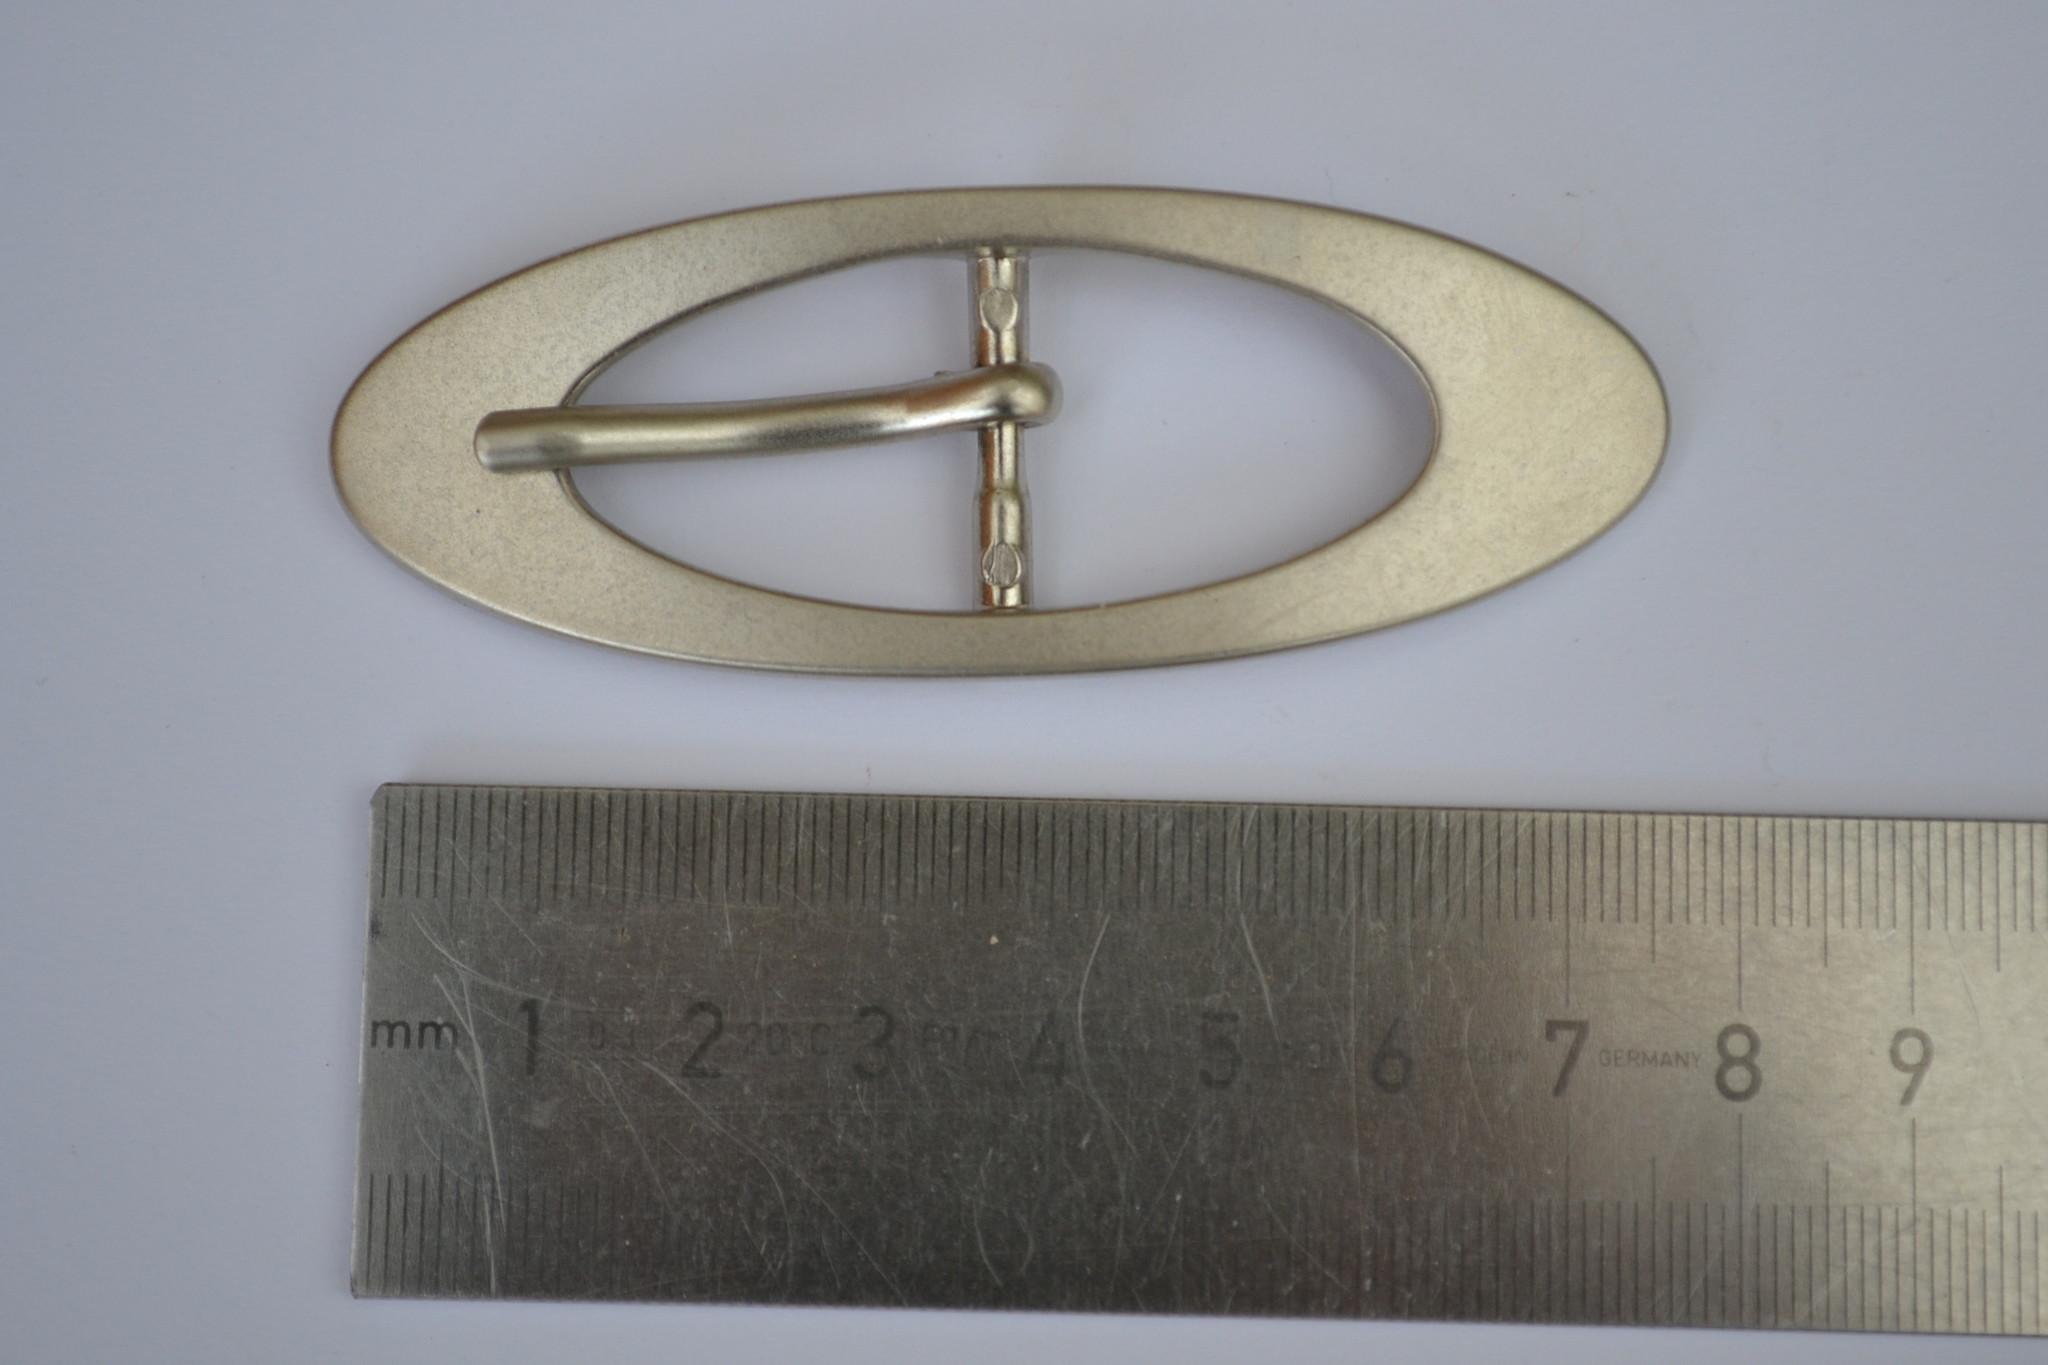 BUO Gesp zilver 20mm